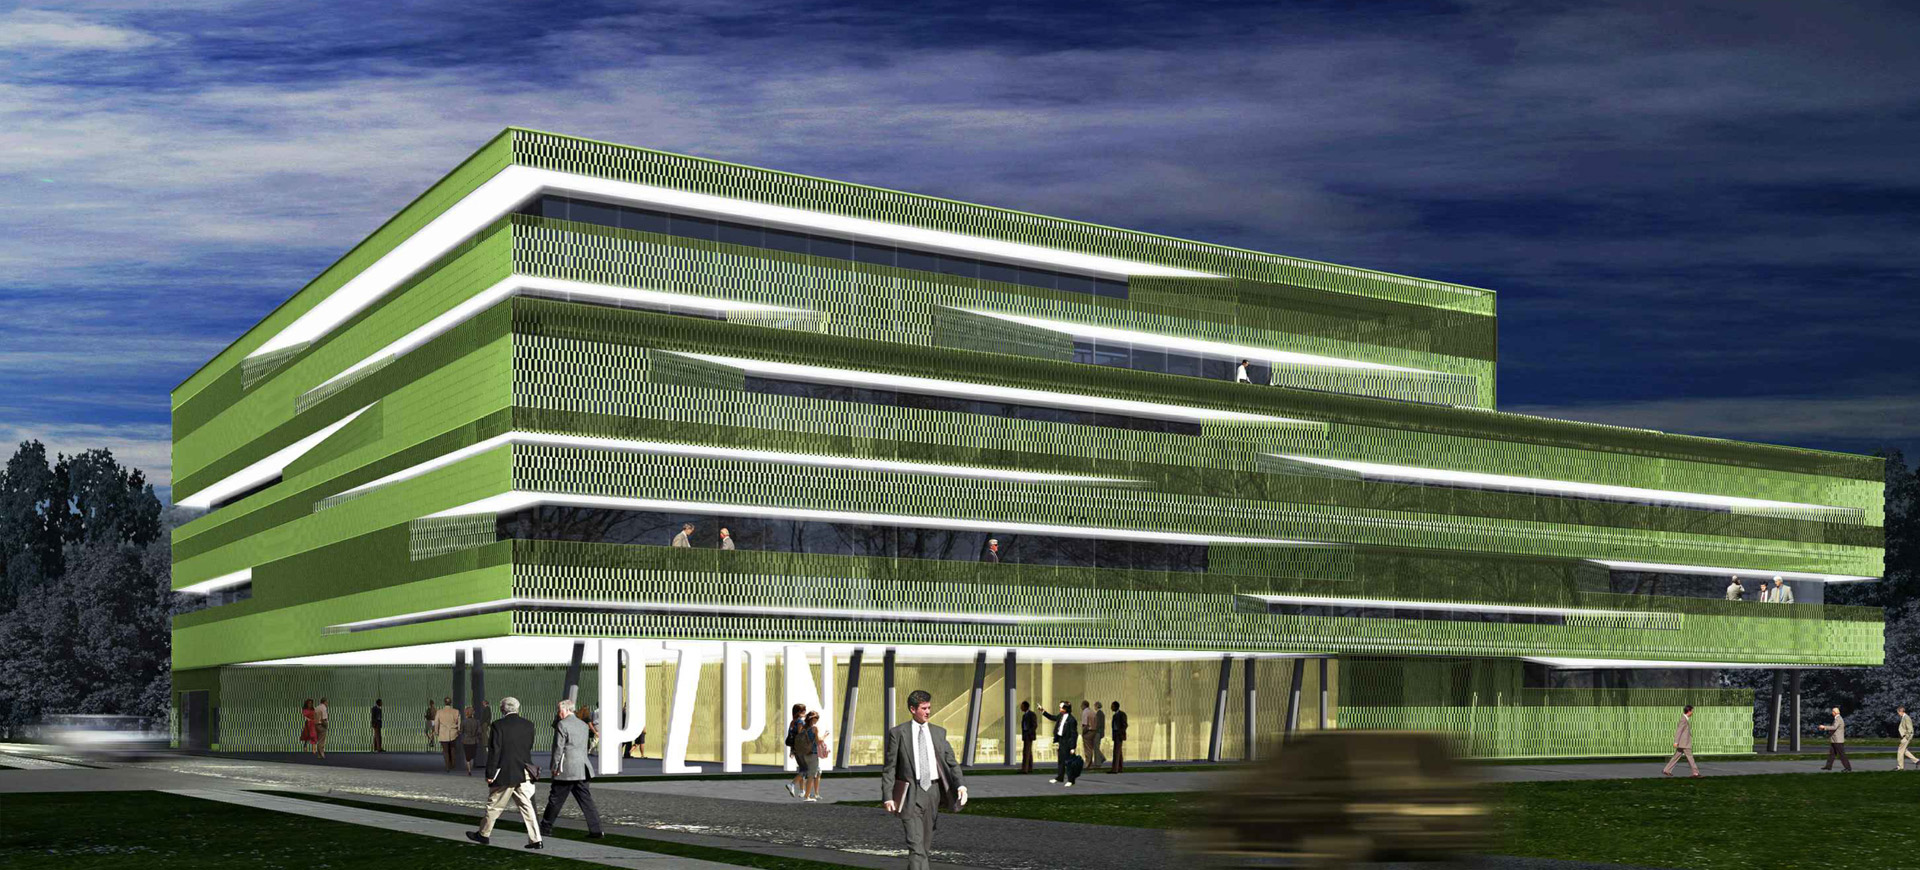 Budynek biurowy przy ul. Wilanowskiej w Warszawie. Projekt architektoniczny BAZA architekci.